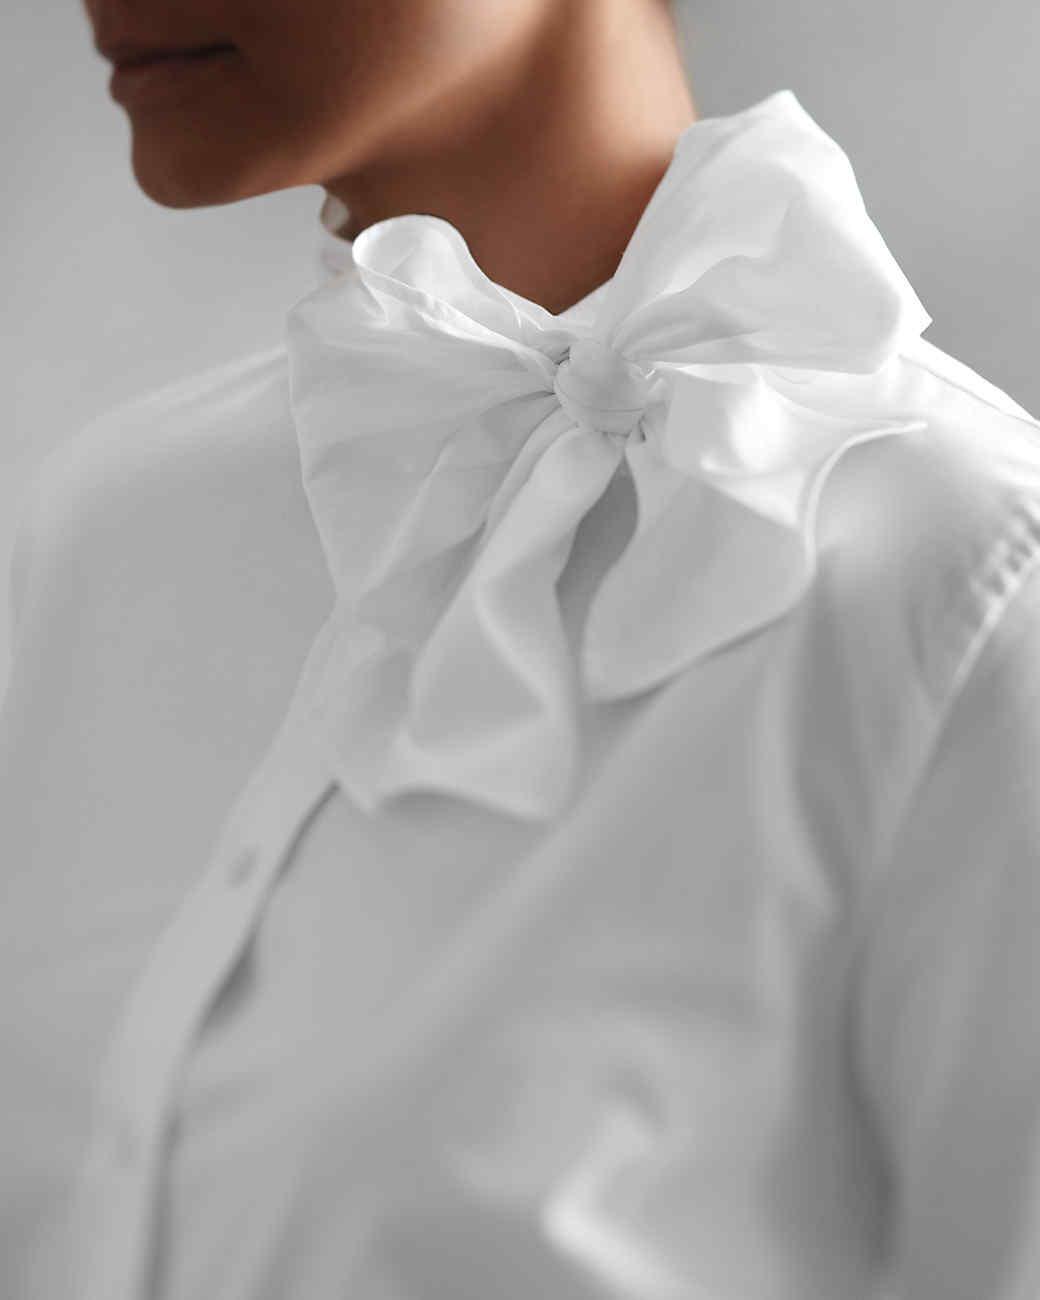 collar-tie-shirt-340r-mld109400.jpg